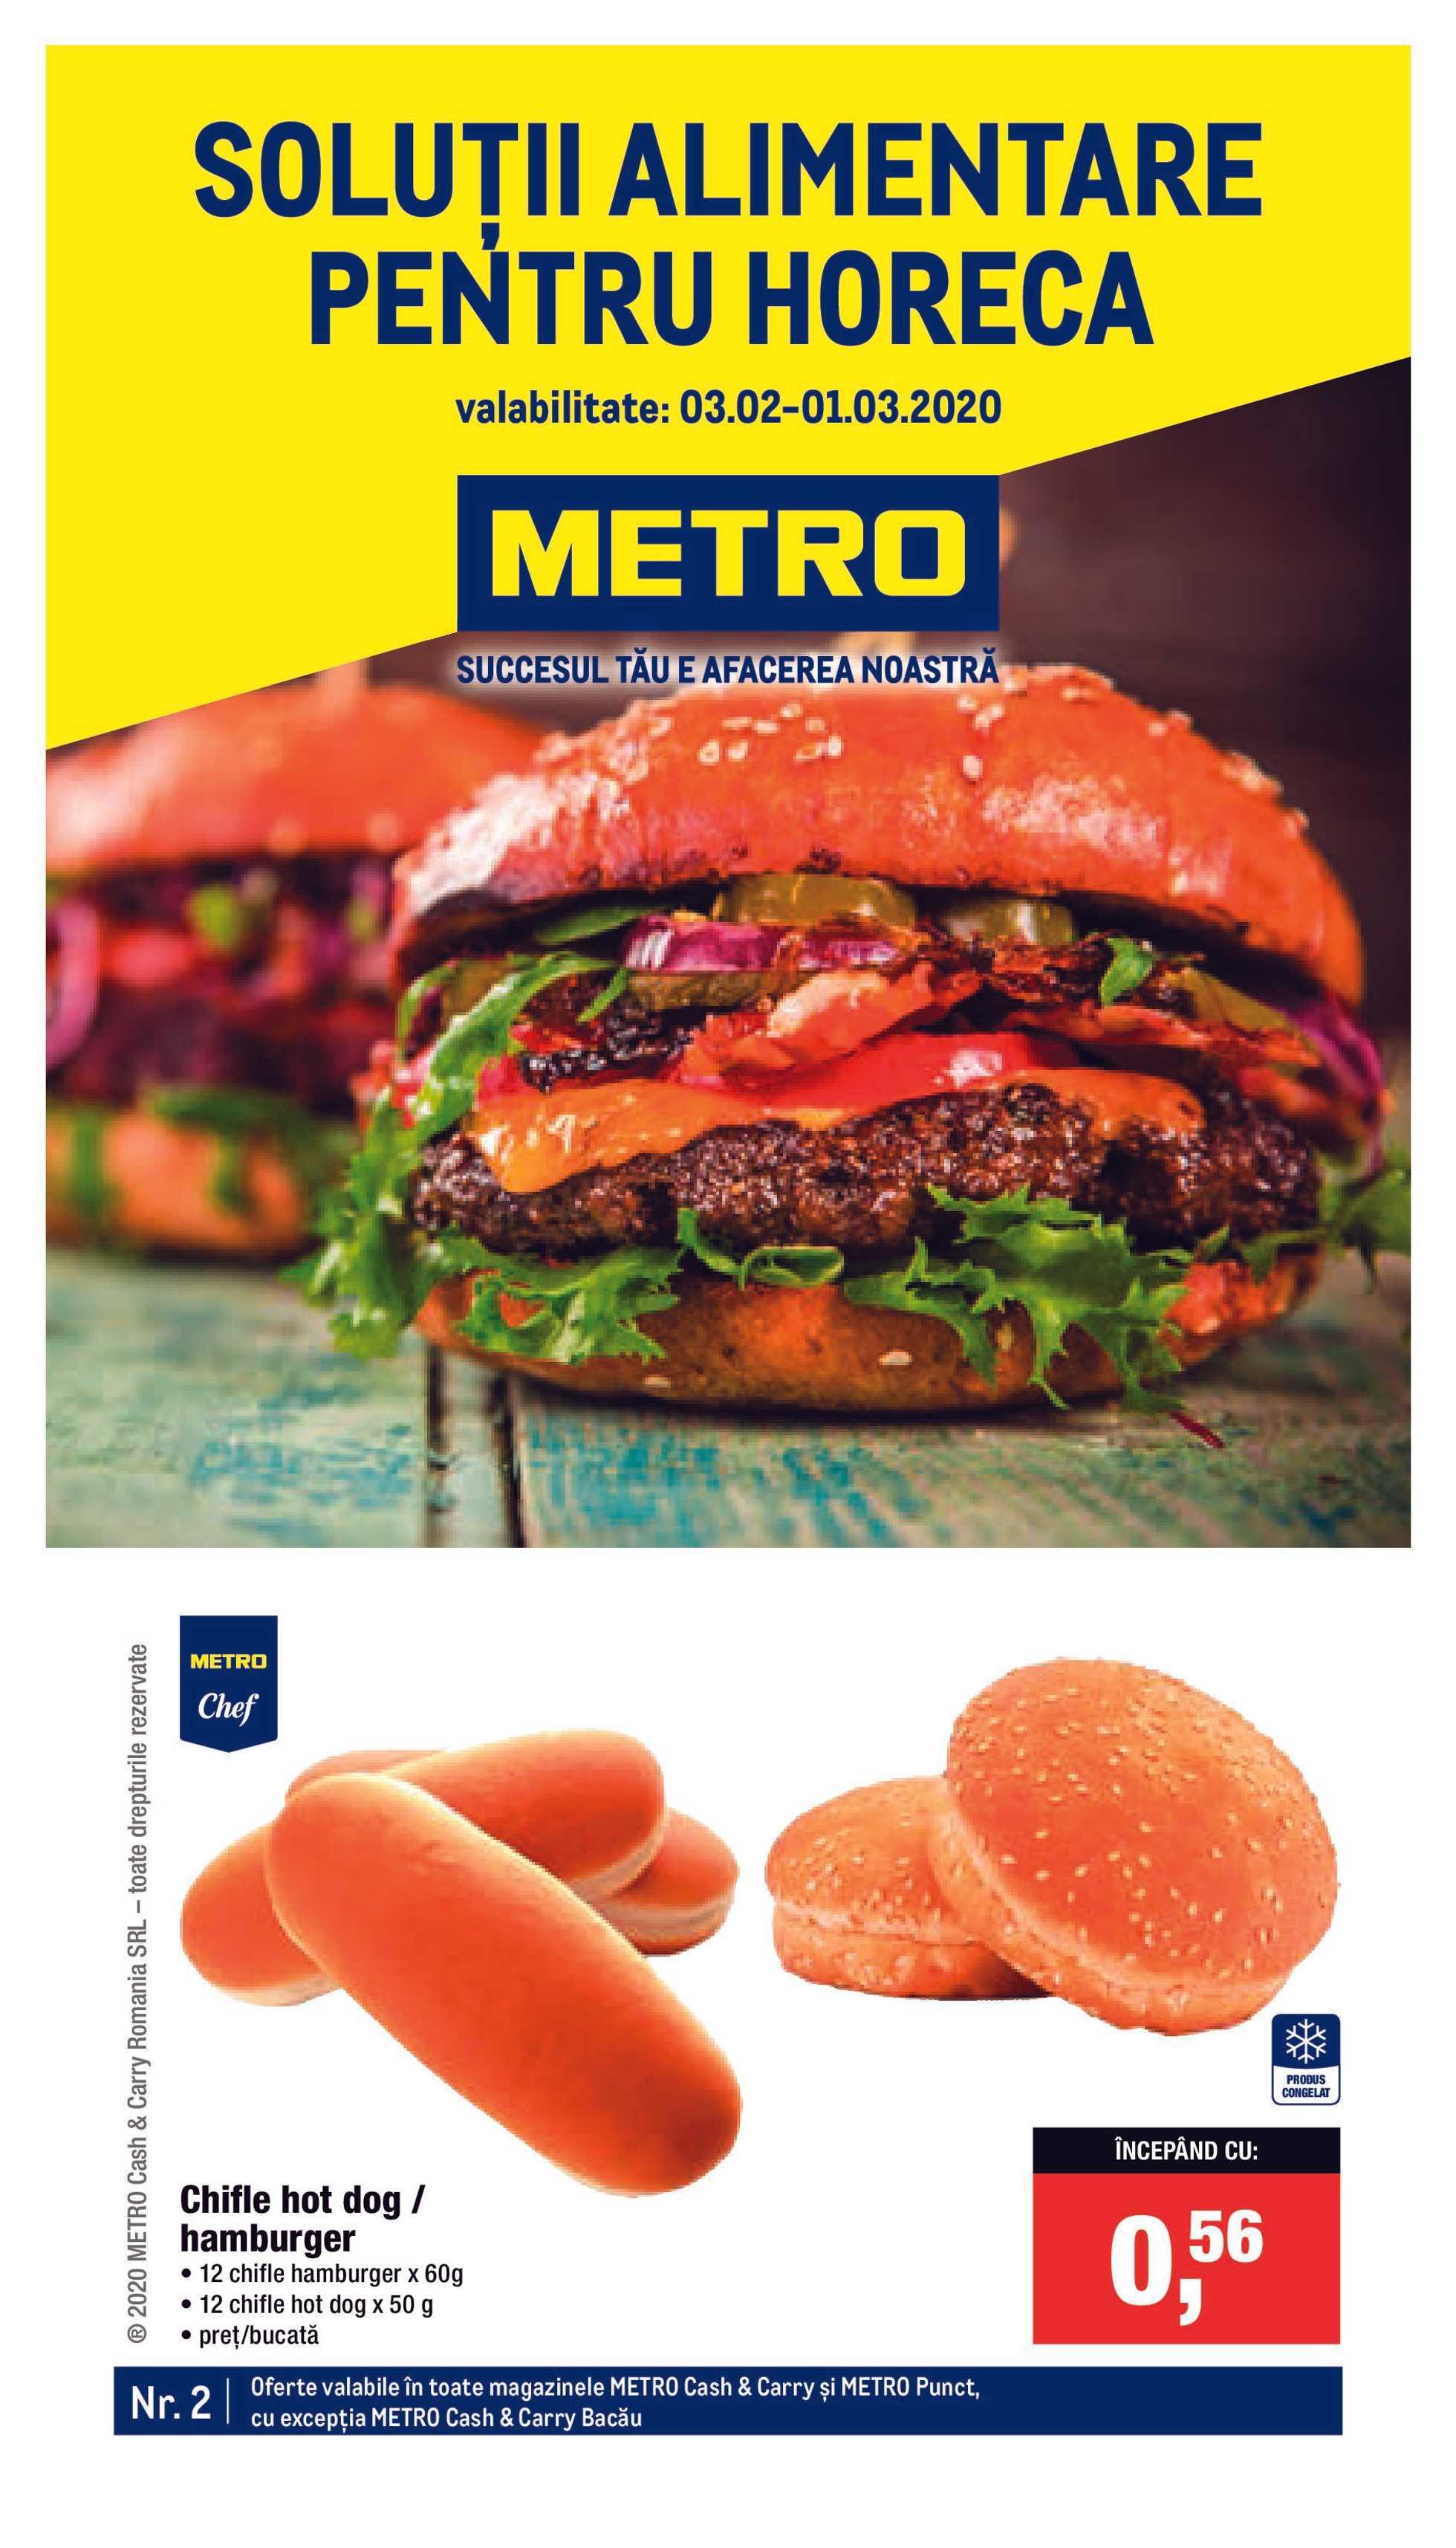 Metro - promo începând de la 03.02.2020 până la 01.03.2020 - pagină 1.